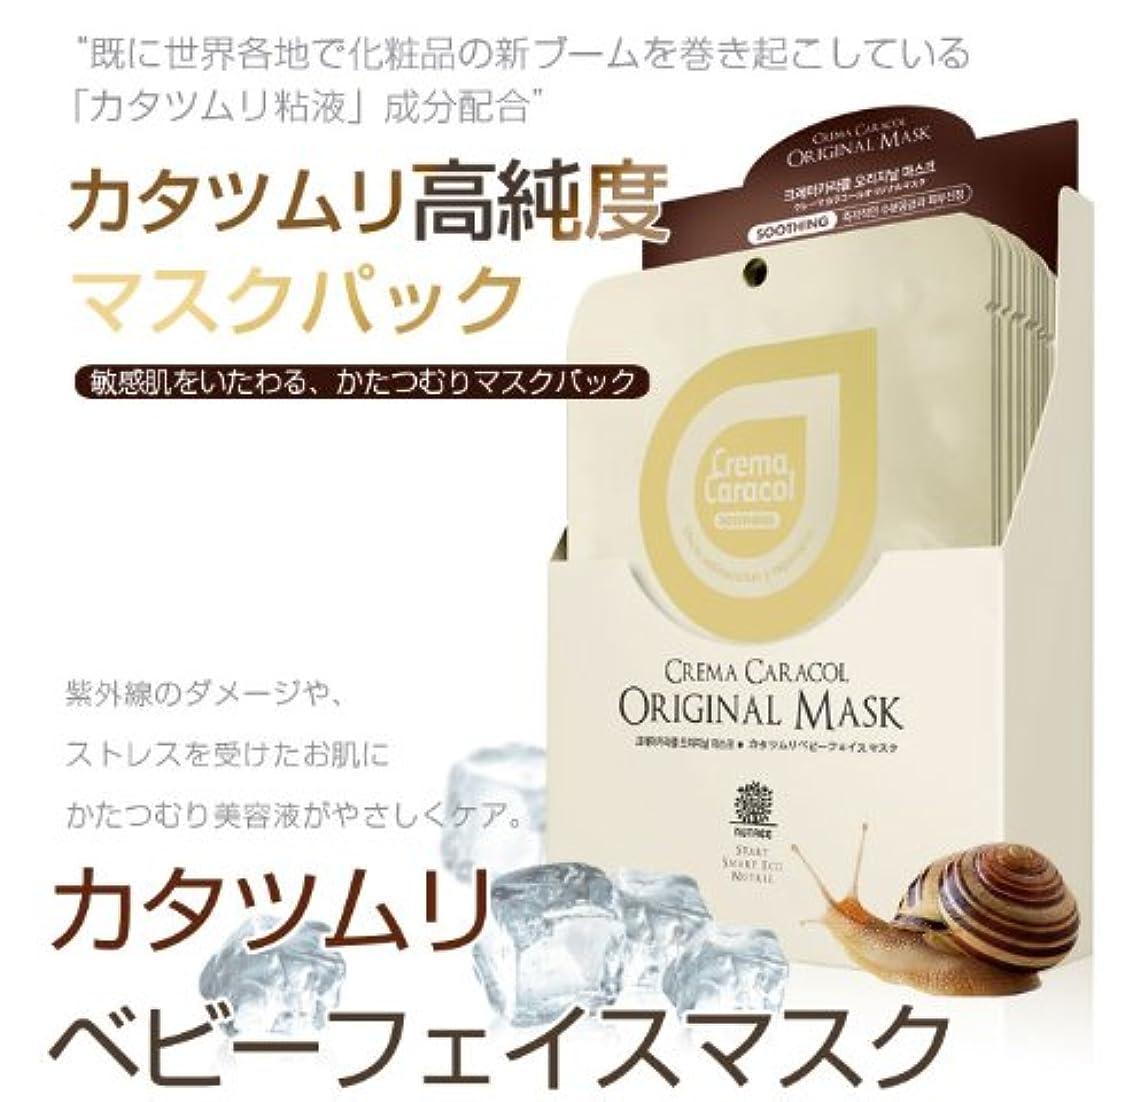 性能アデレード吸う孜民耕 [ジャミンギョン]クレマカラコールオリジナルマスク( かたつむりシートマスク) (10+2枚)